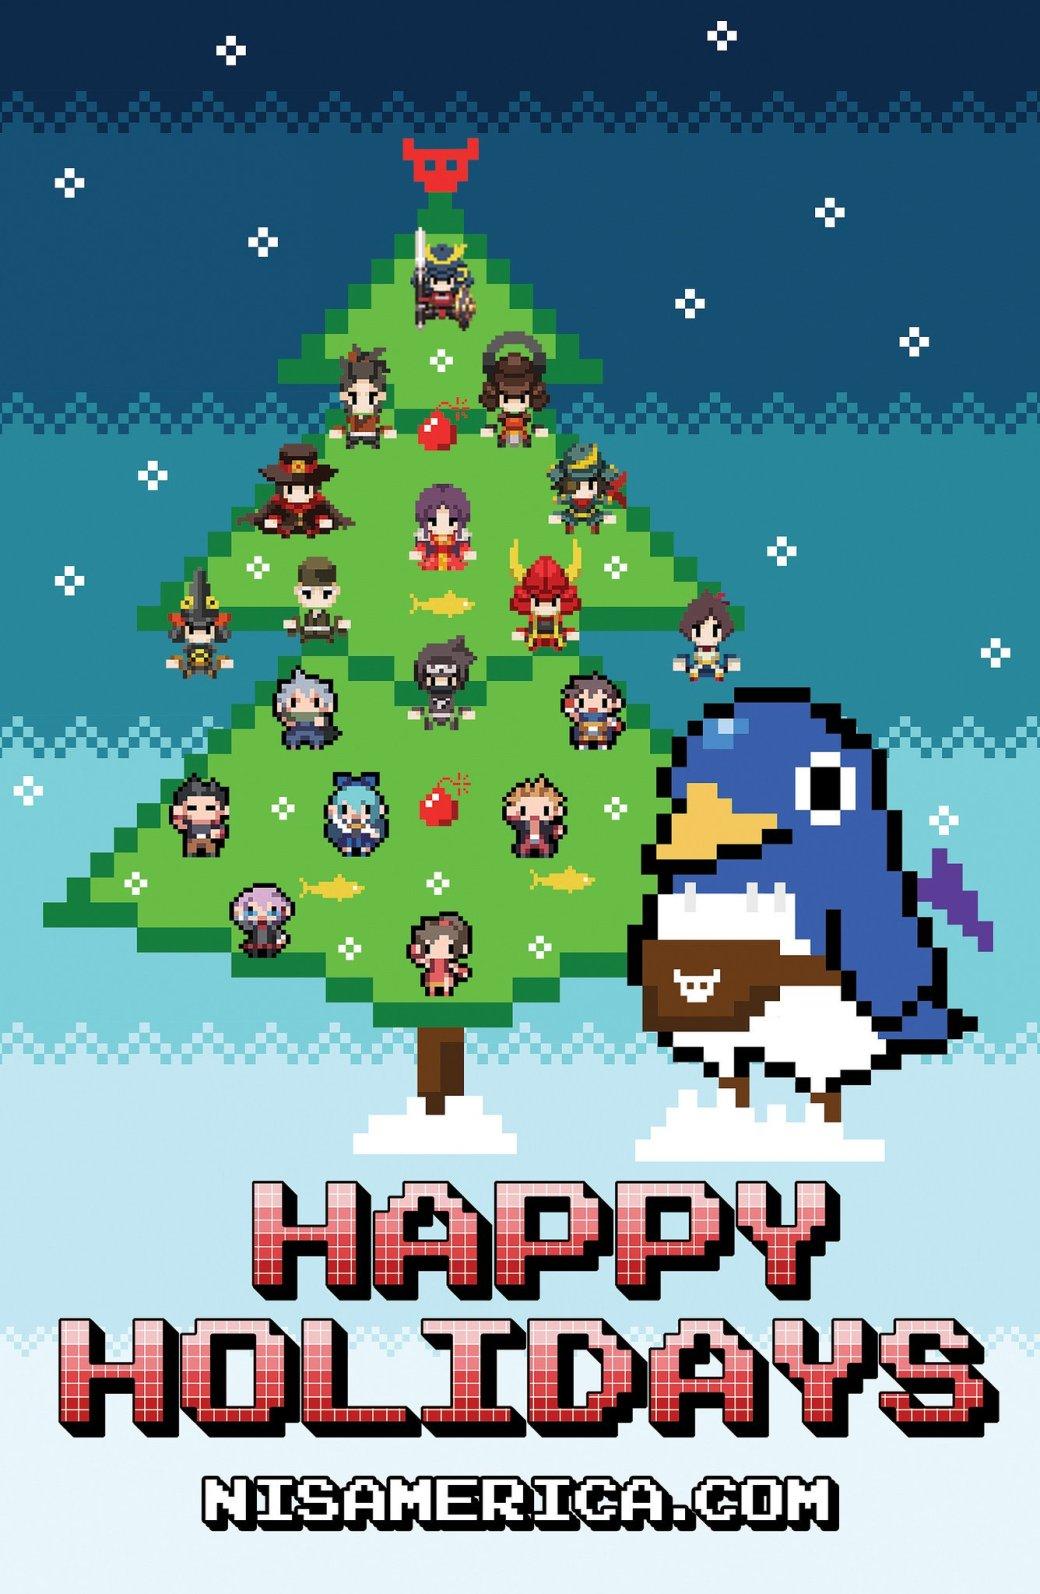 С праздниками! Разработчики поздравляют с Новым годом и Рождеством. - Изображение 14